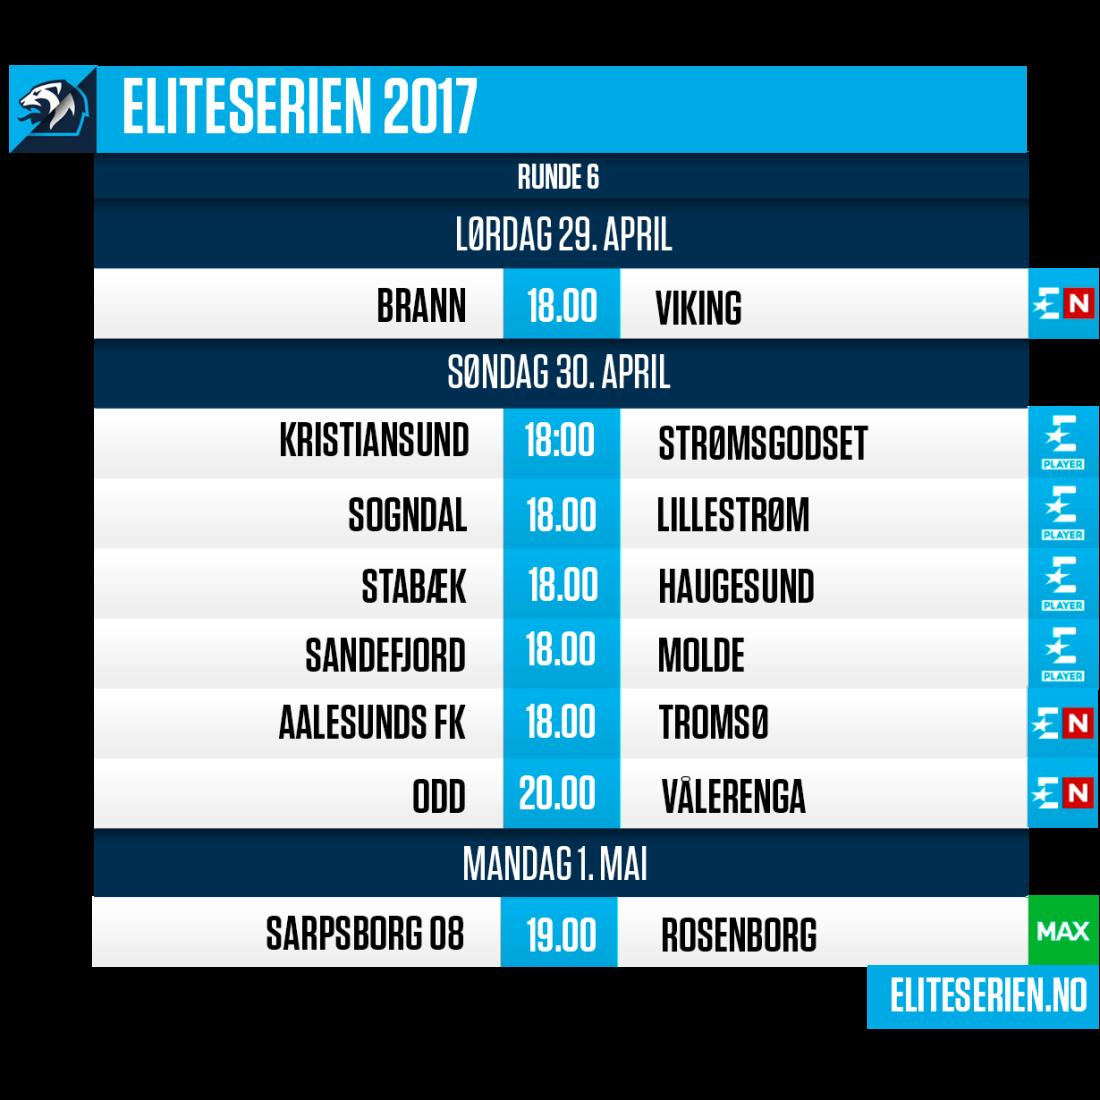 Eliteserien_runde_6.png